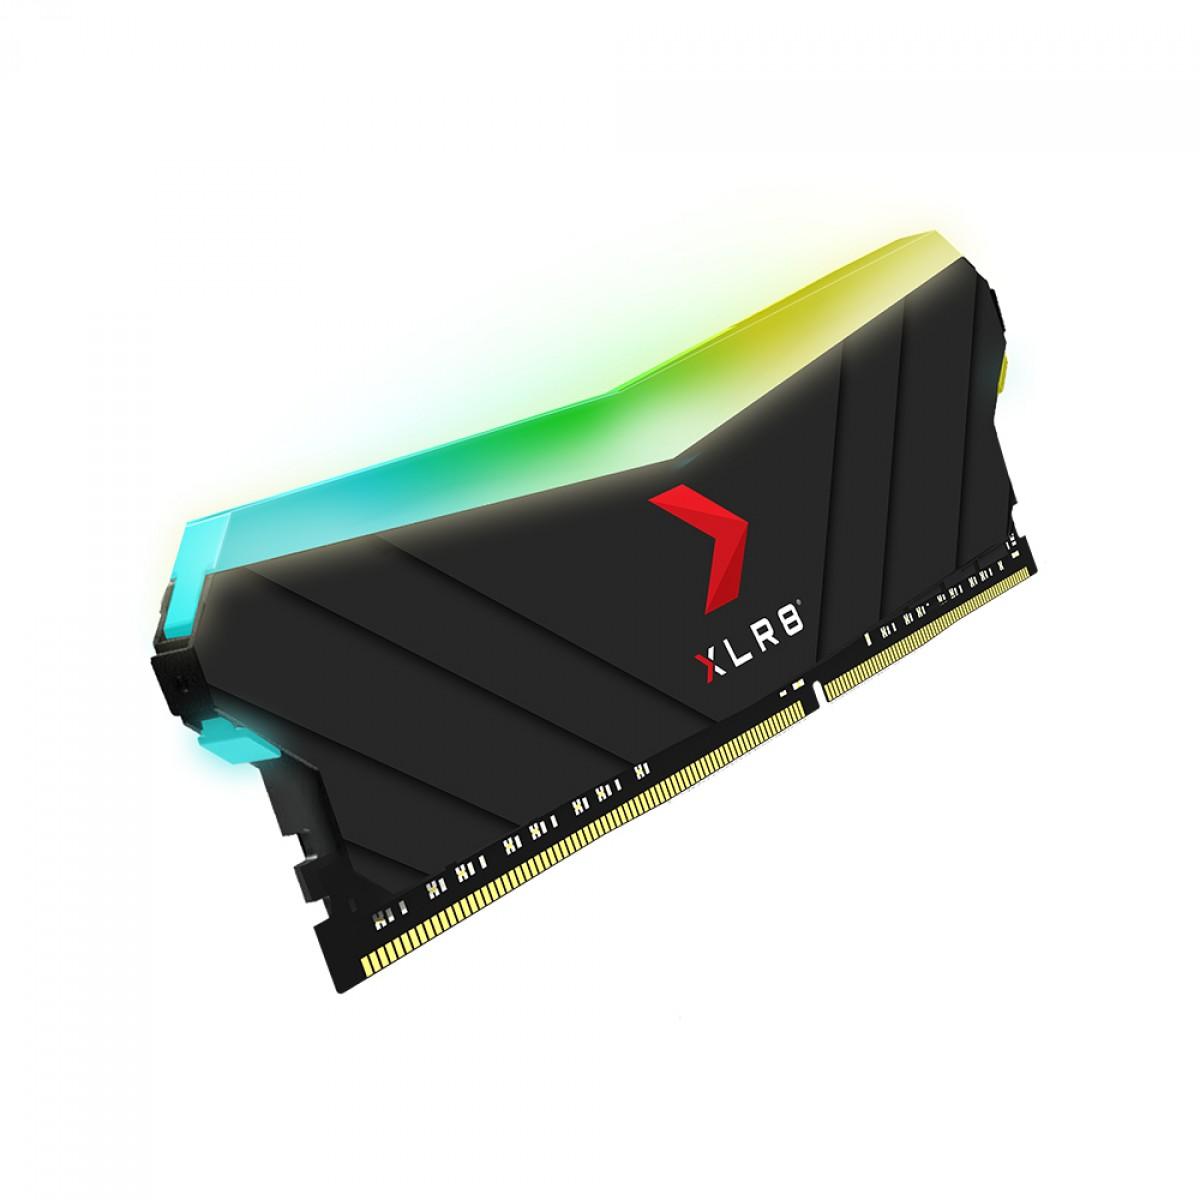 Memória DDR4 PNY XLR8 RGB Gaming, 8GB, 3600MHZ, MD8GD4360016XRGB